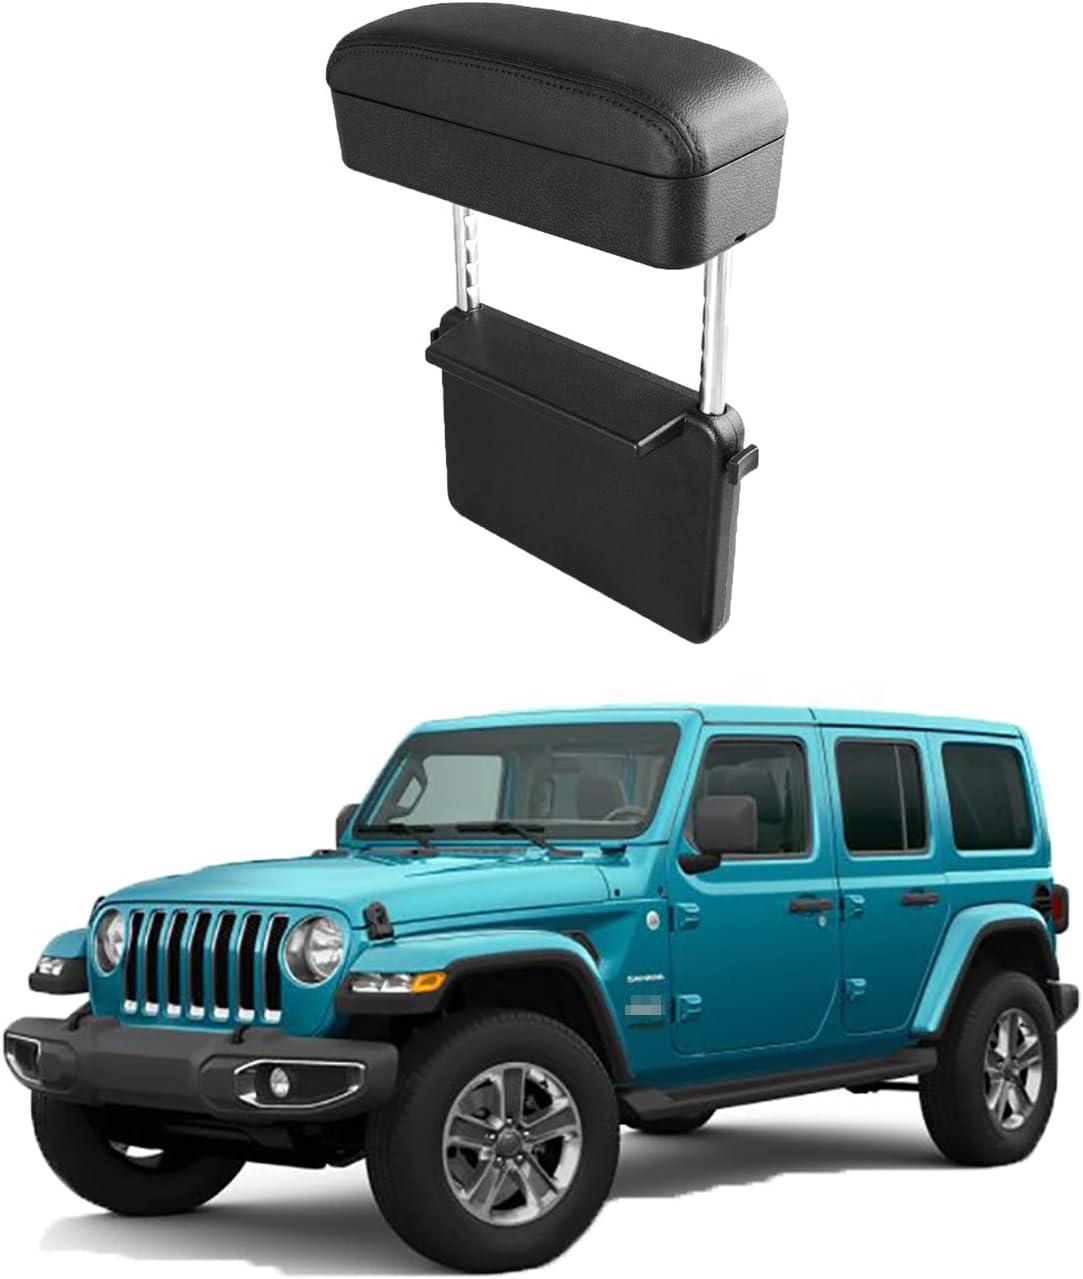 CDEFG Car Sales Max 65% OFF for sale Armrest Support Elbow Pad Extender Wr Rest